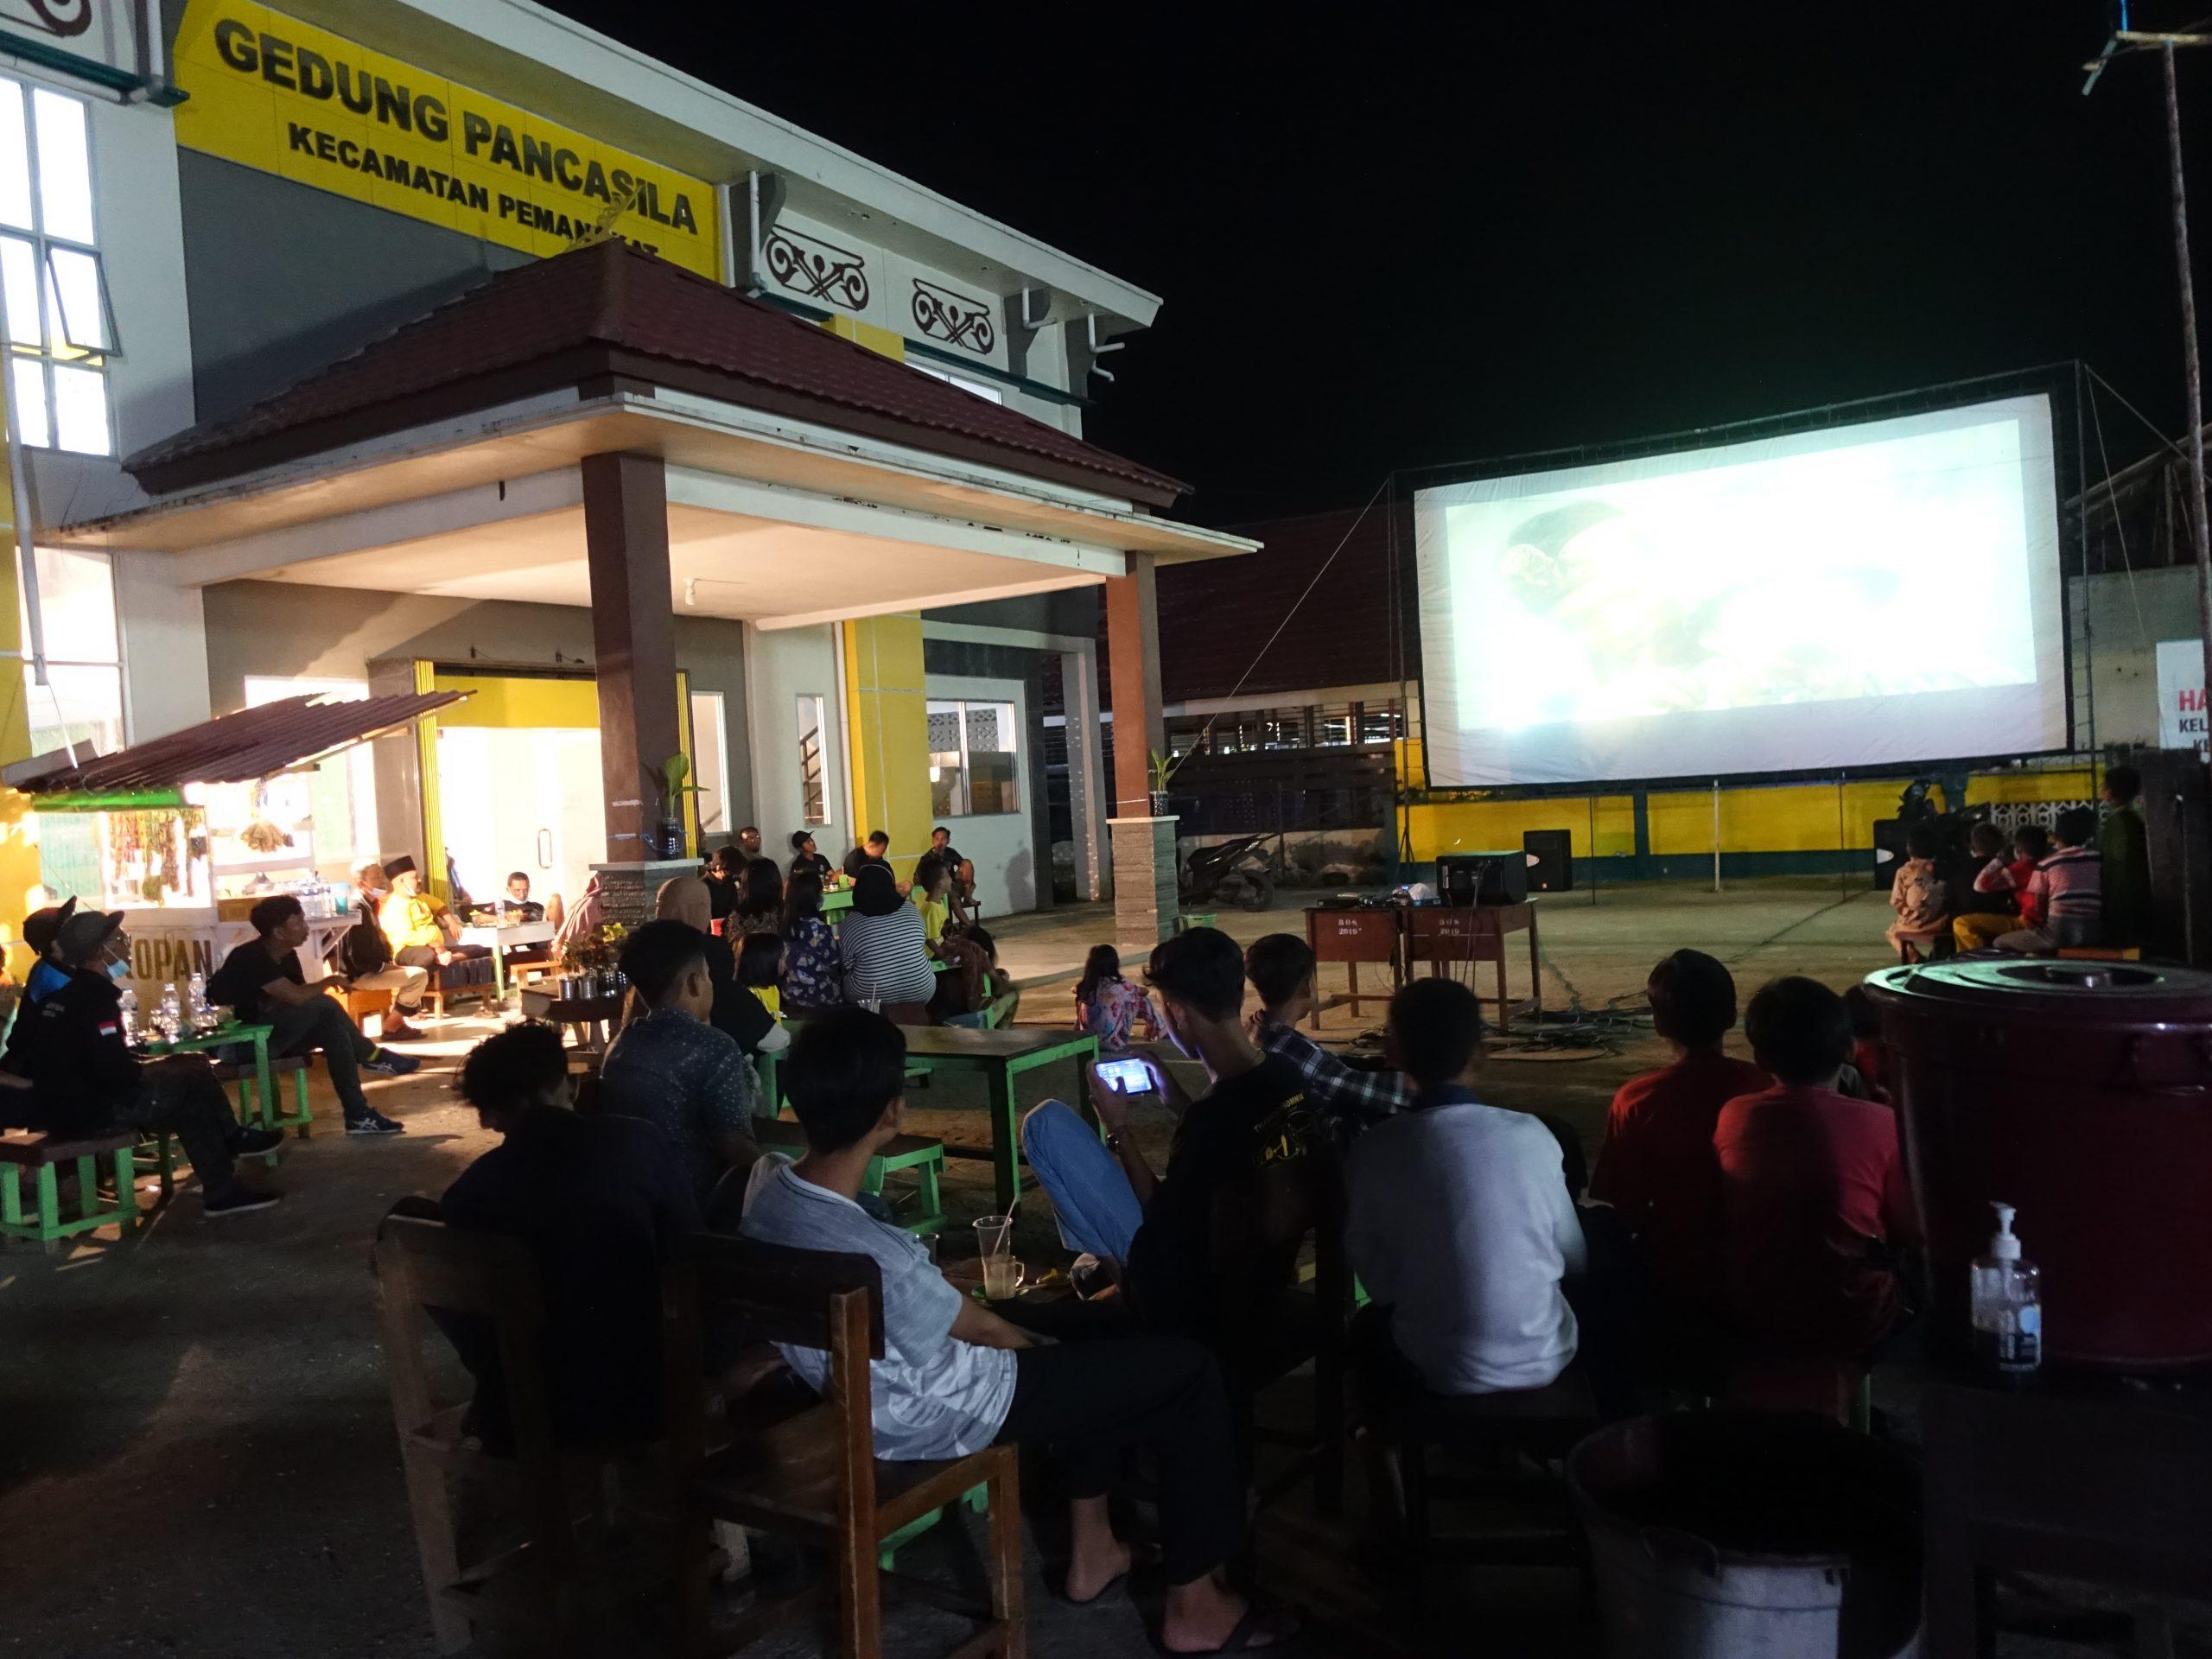 """Read more about the article Bioling BPNB Provinsi Kalbar Putar Film """"Darah Garuda 2"""" di Gedung Pancasila Kecamatan Pemangkat"""